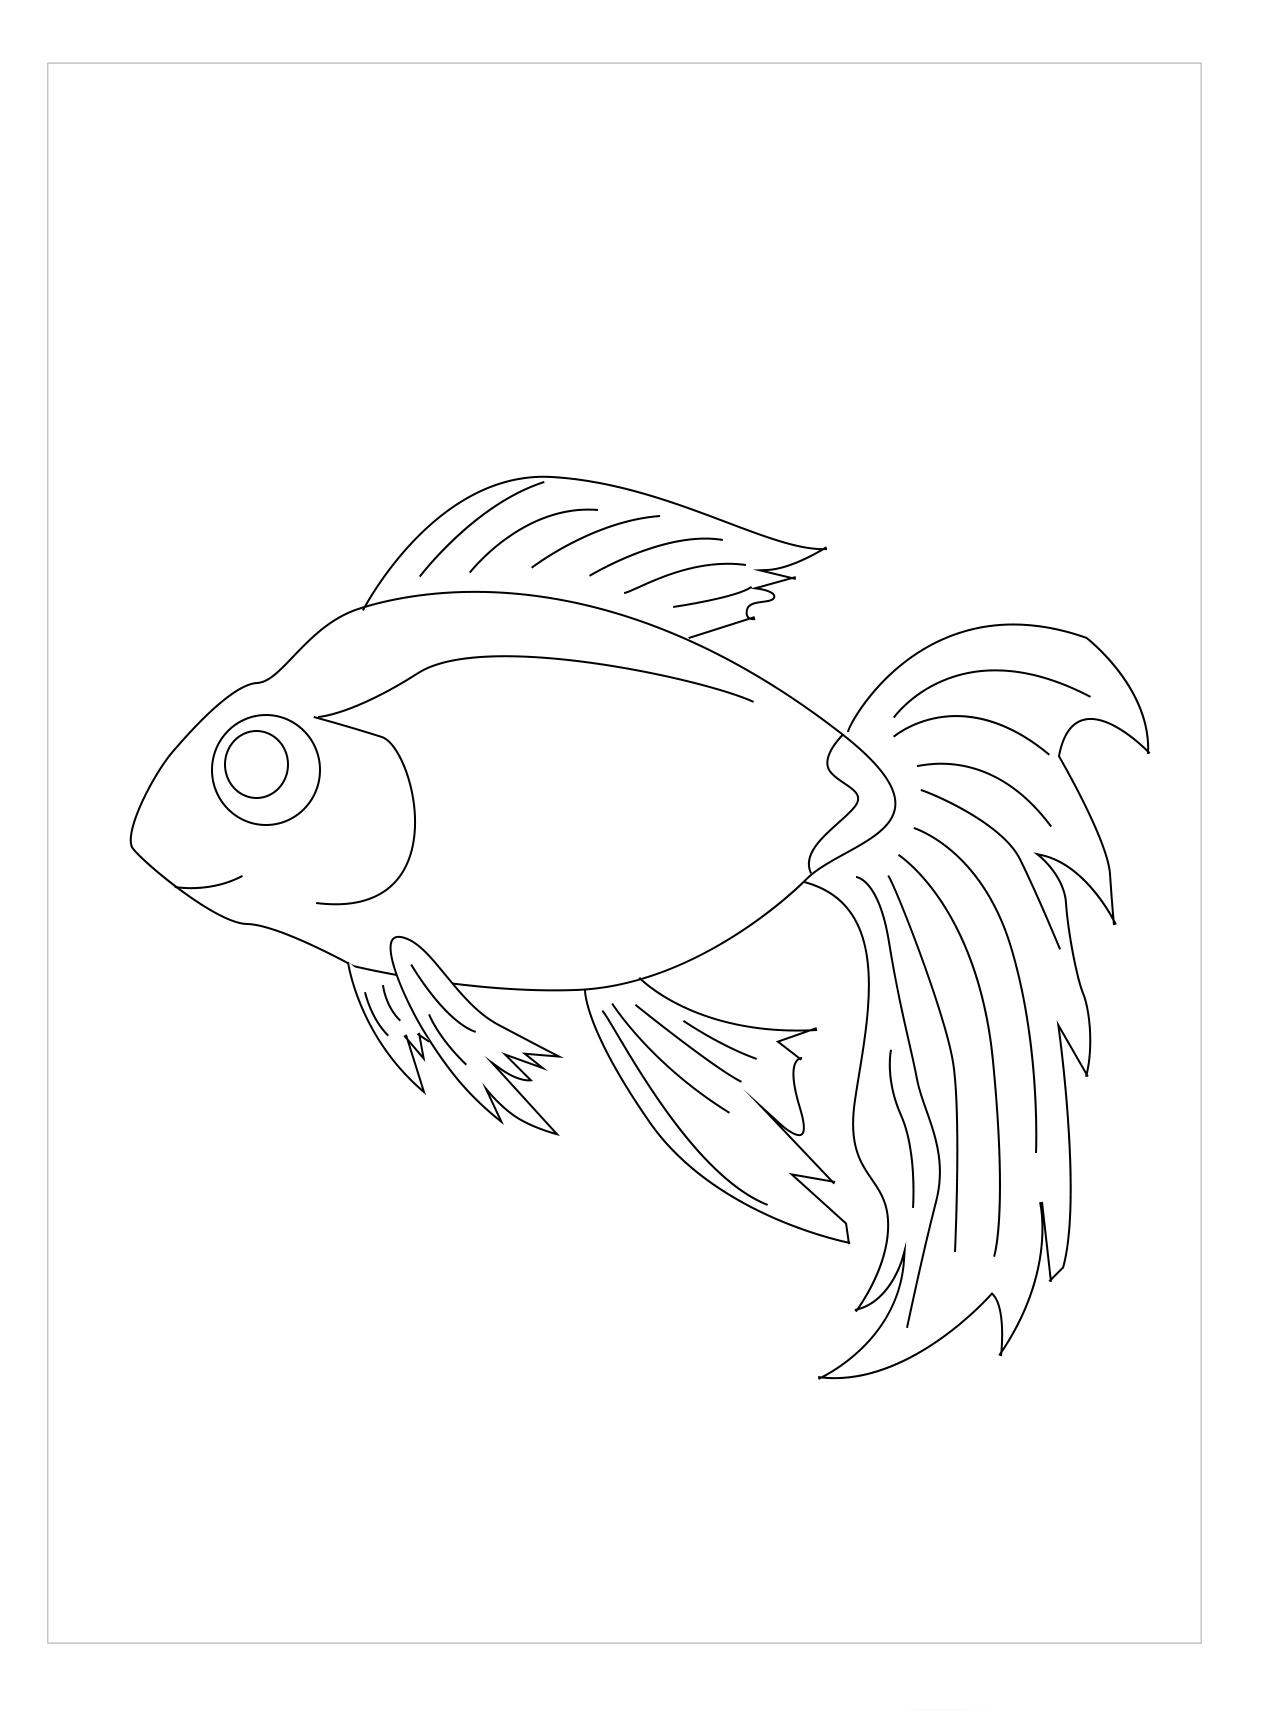 Tranh tô màu cá vàng đẹp, sống động nhất